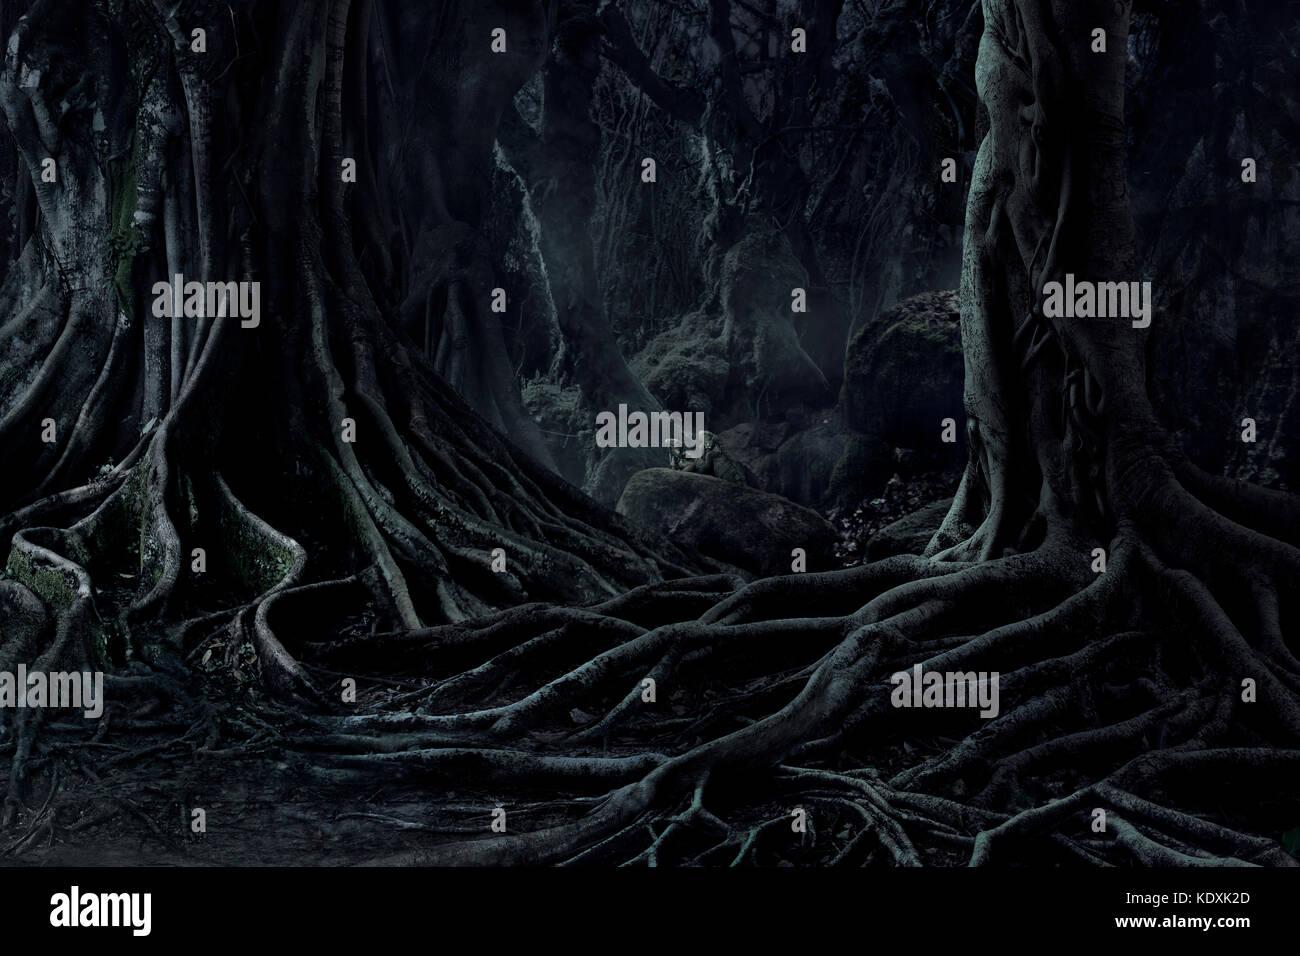 Spooky Halloween dead geheimnisvolle Wald creepy Bäume mit twisted Wurzeln und zwei Echse auf nebligen Nacht Stockbild